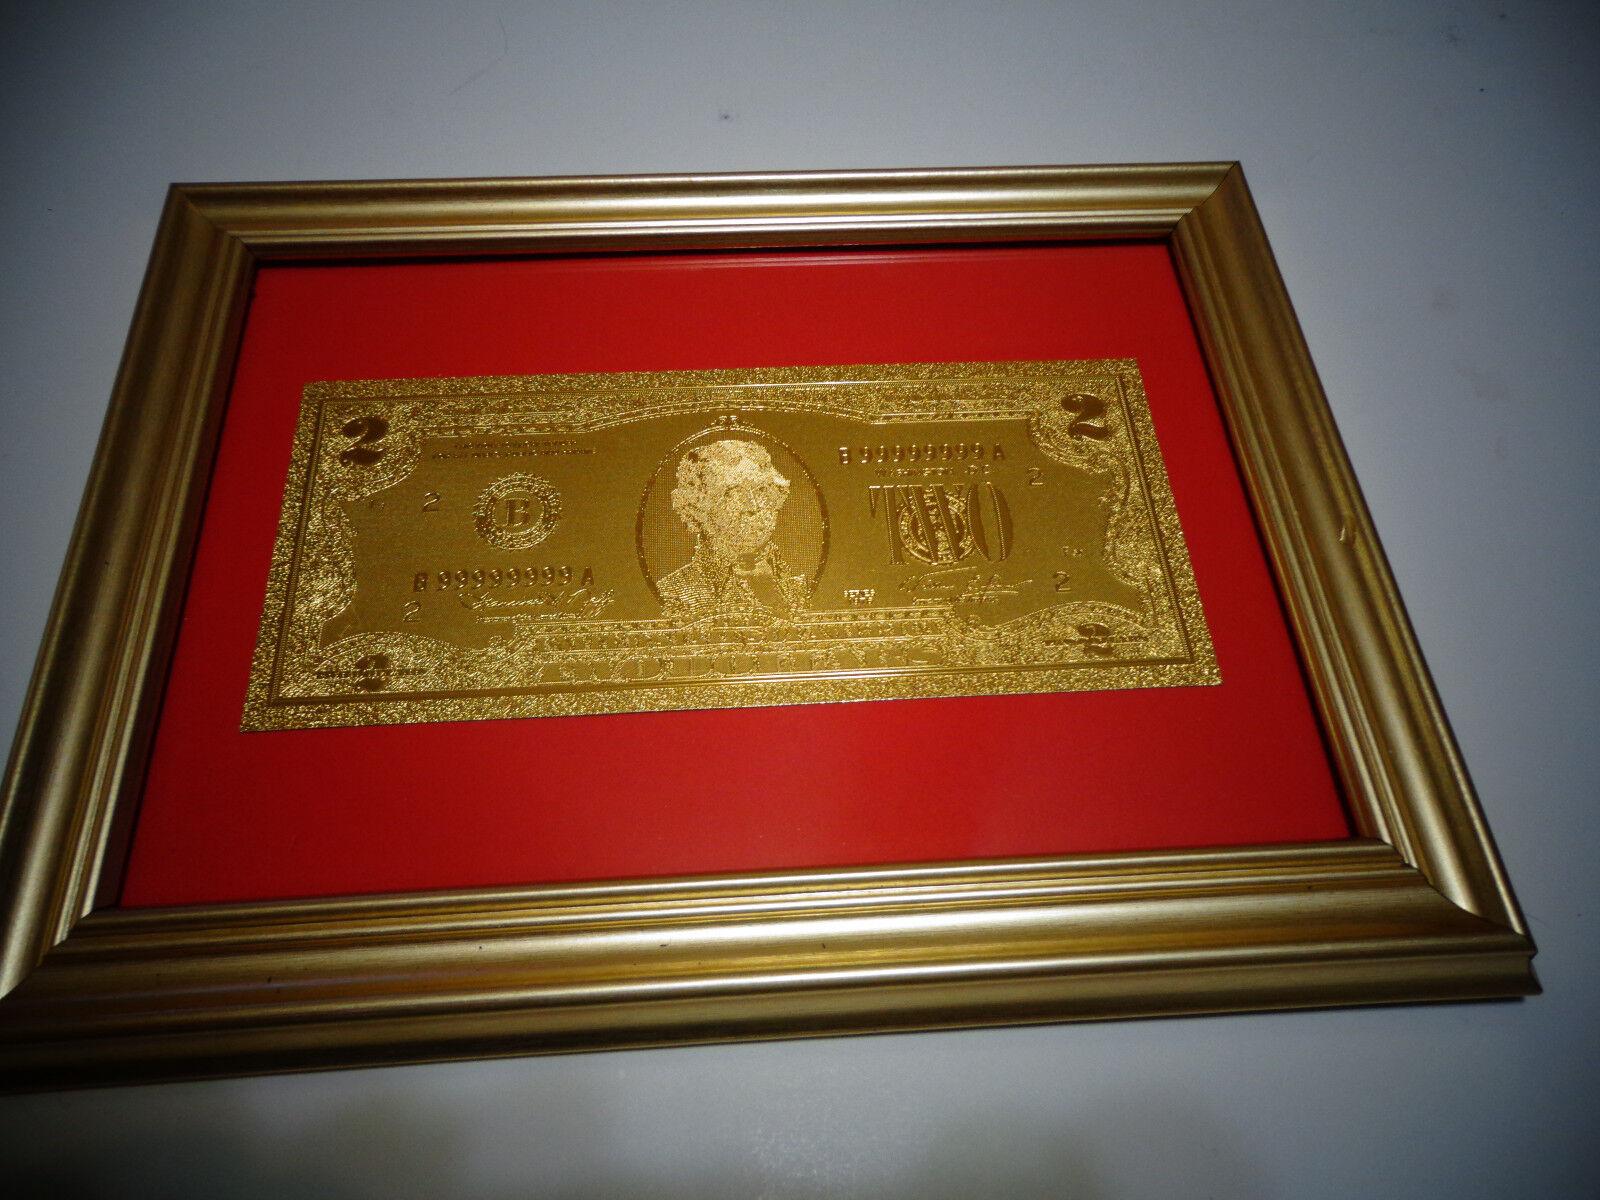 24 karat 999.9% gold usa 1976 $ 2 dollar bill -framed- *limited production, rare